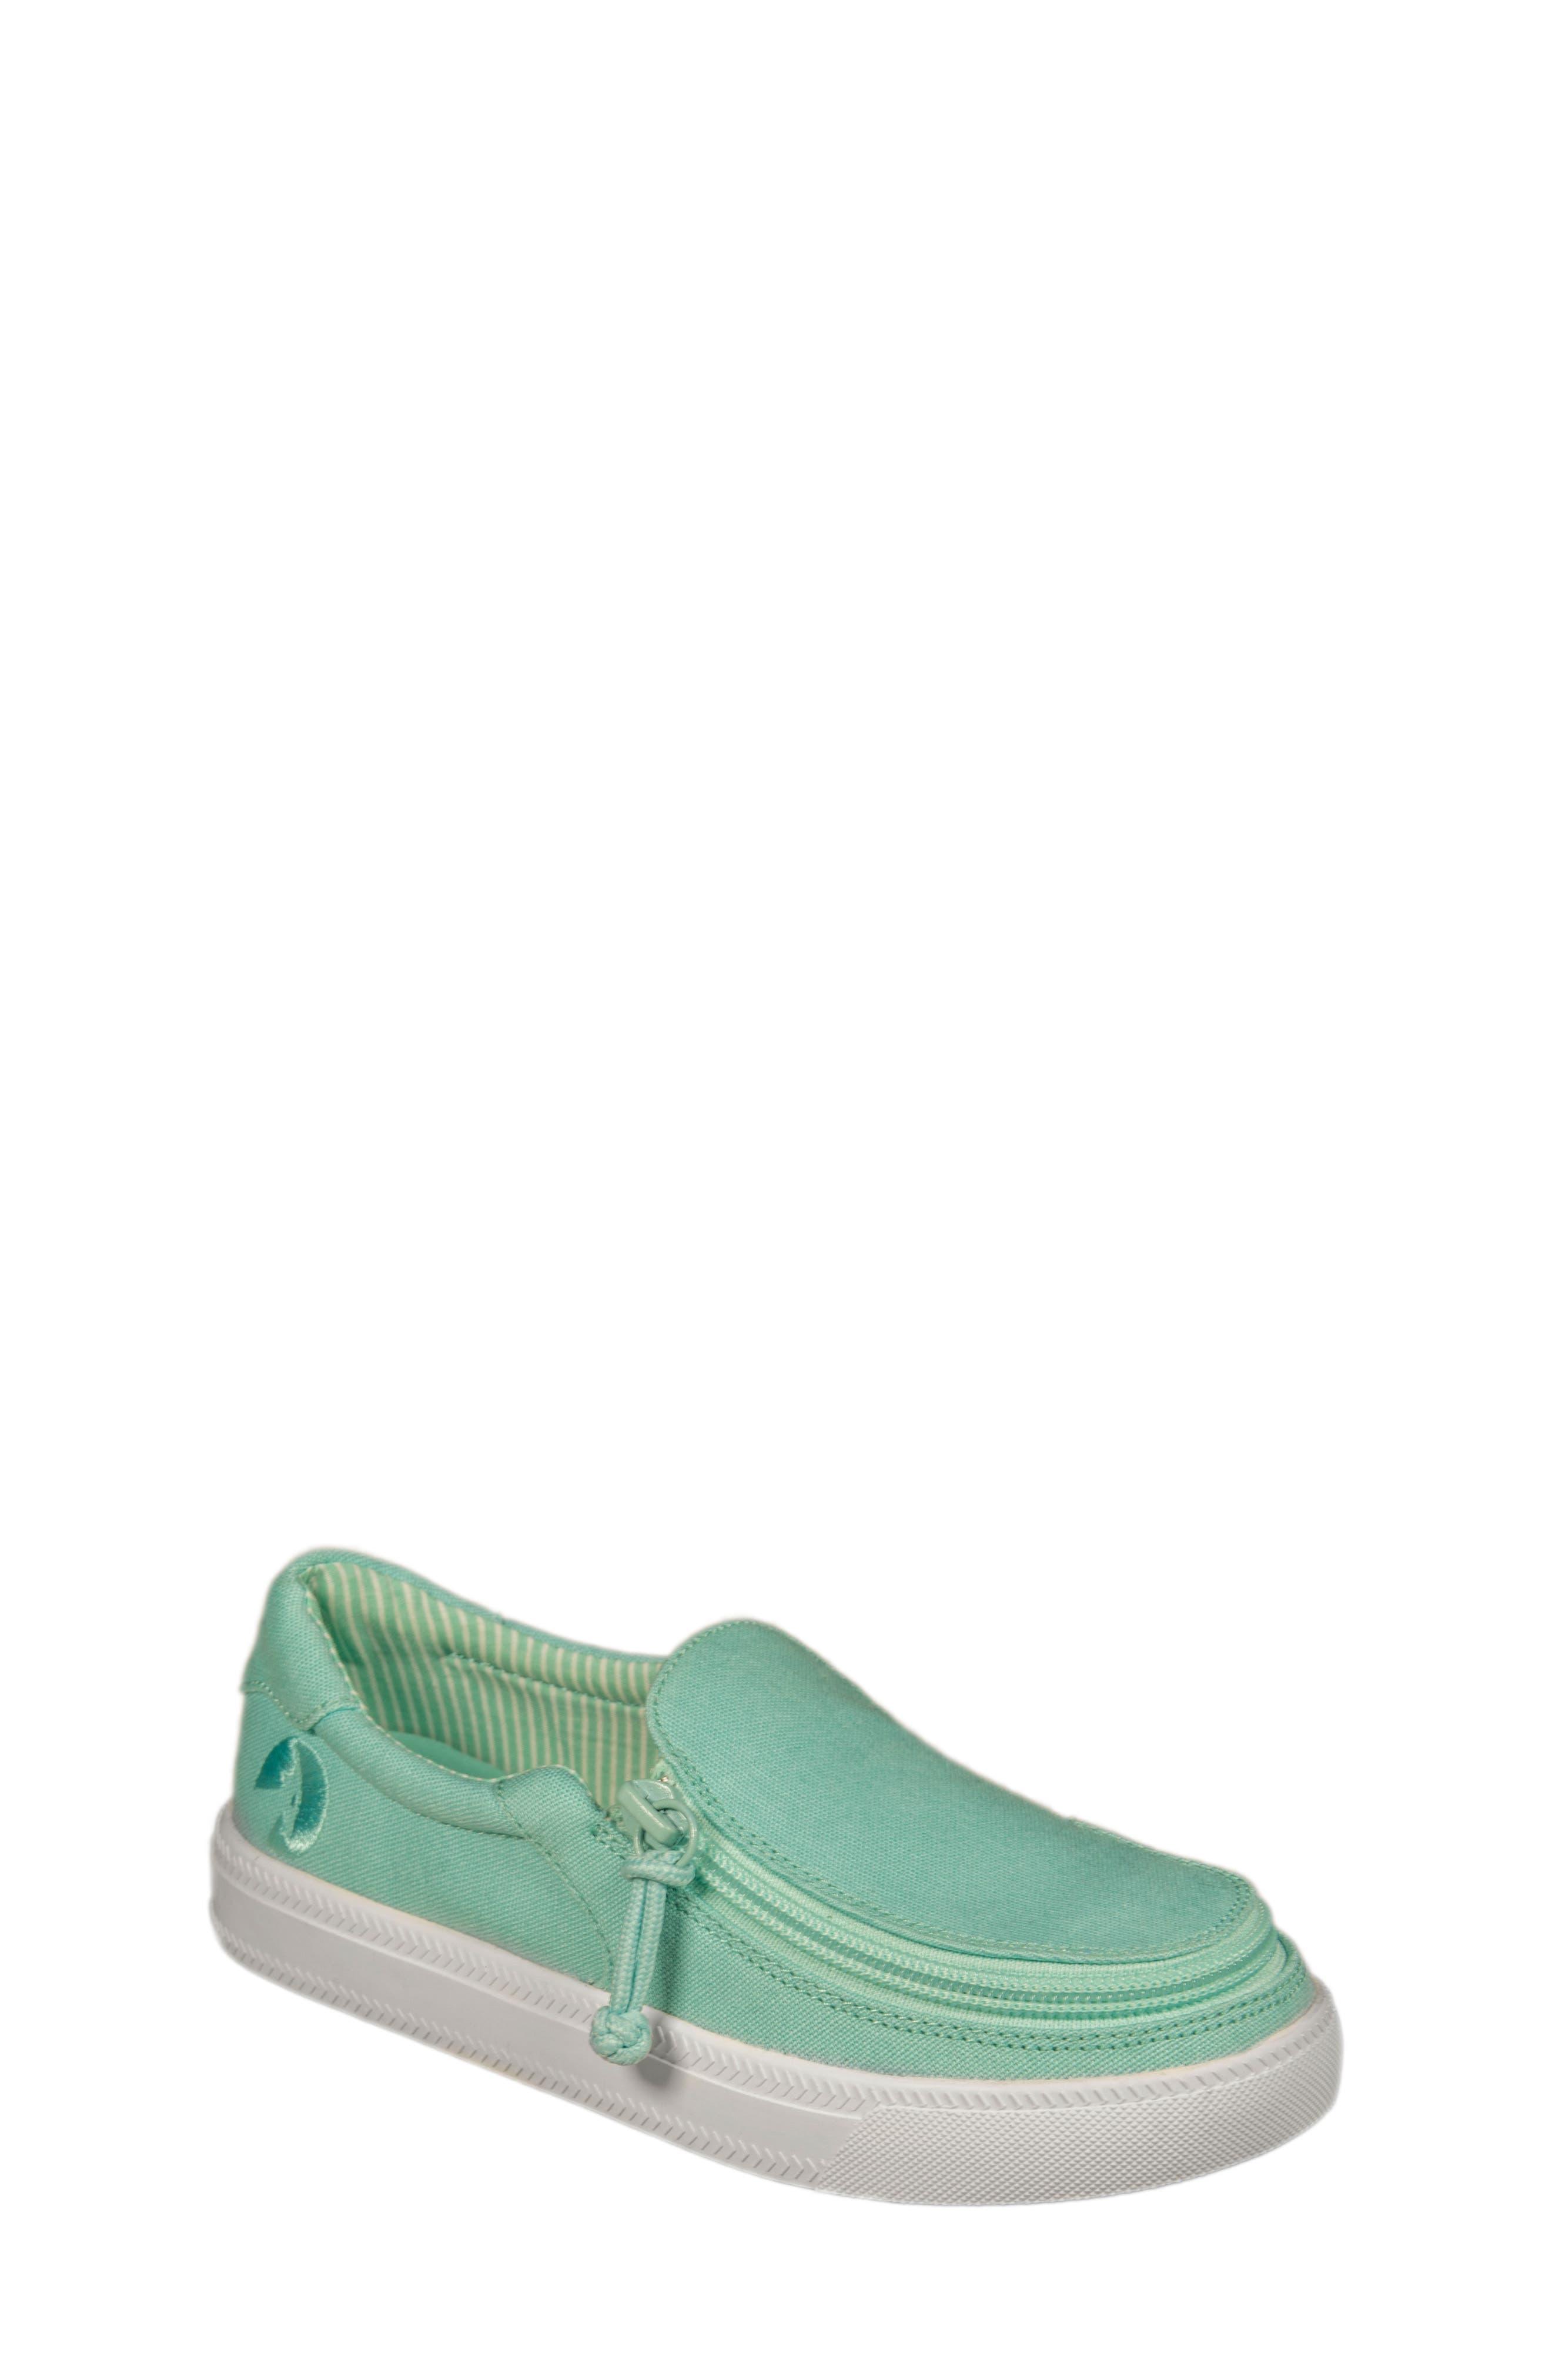 Zip Around Low Top Sneaker,                         Main,                         color, 440